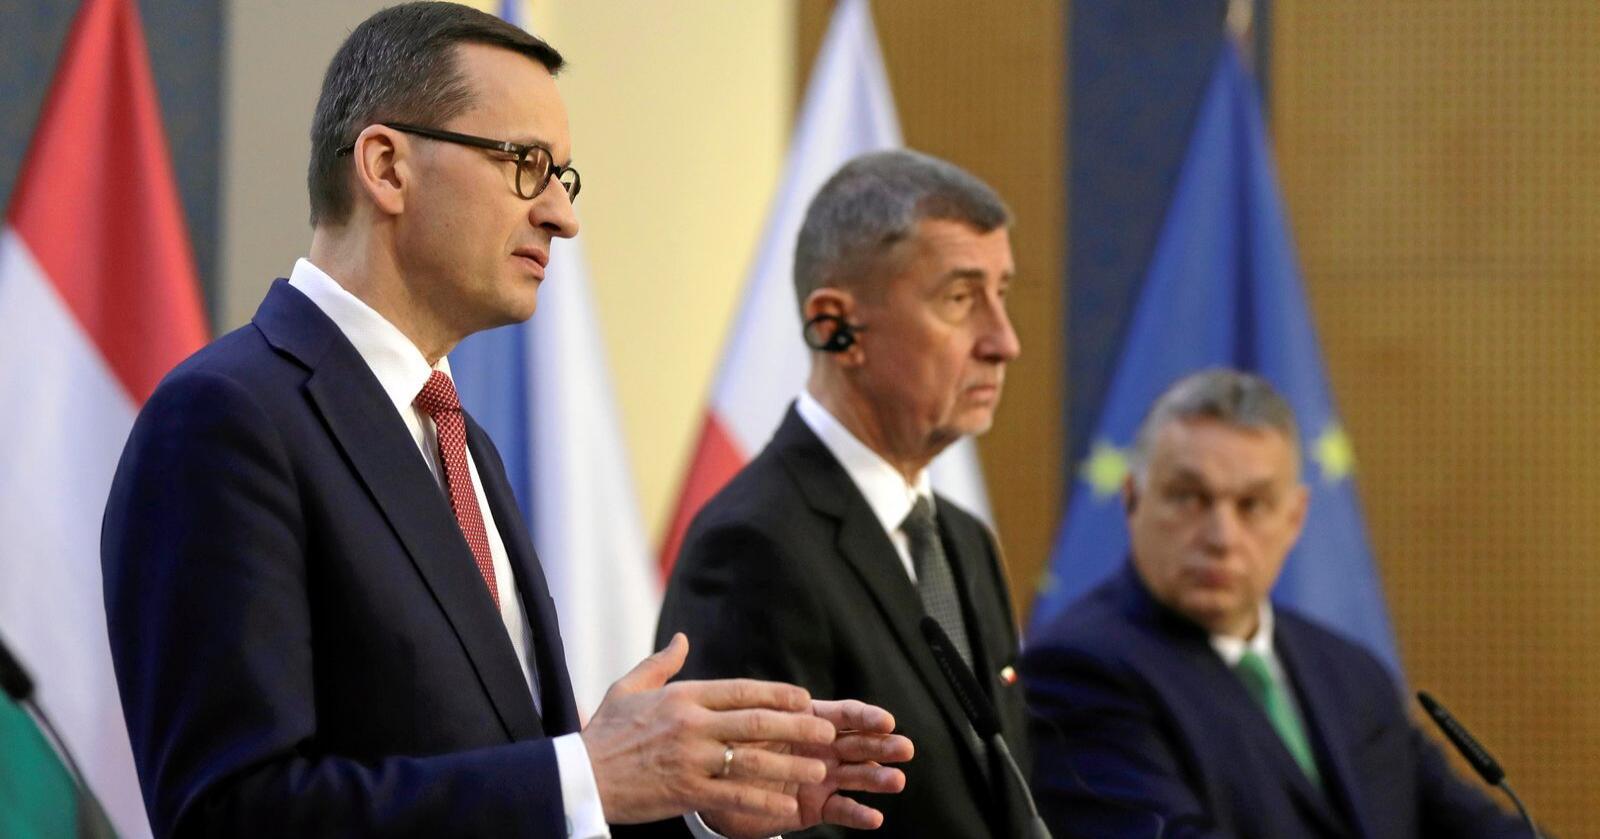 Polens statsminister Mateusz Morawiecki (til venstre) og hans regjering  forsøker å legge domstoler og mediehus under politisk kontroll. Til høyre Ungarns statminister Viktor Orbán. Foto: Petr David Josek / Ap / NTB scanpix